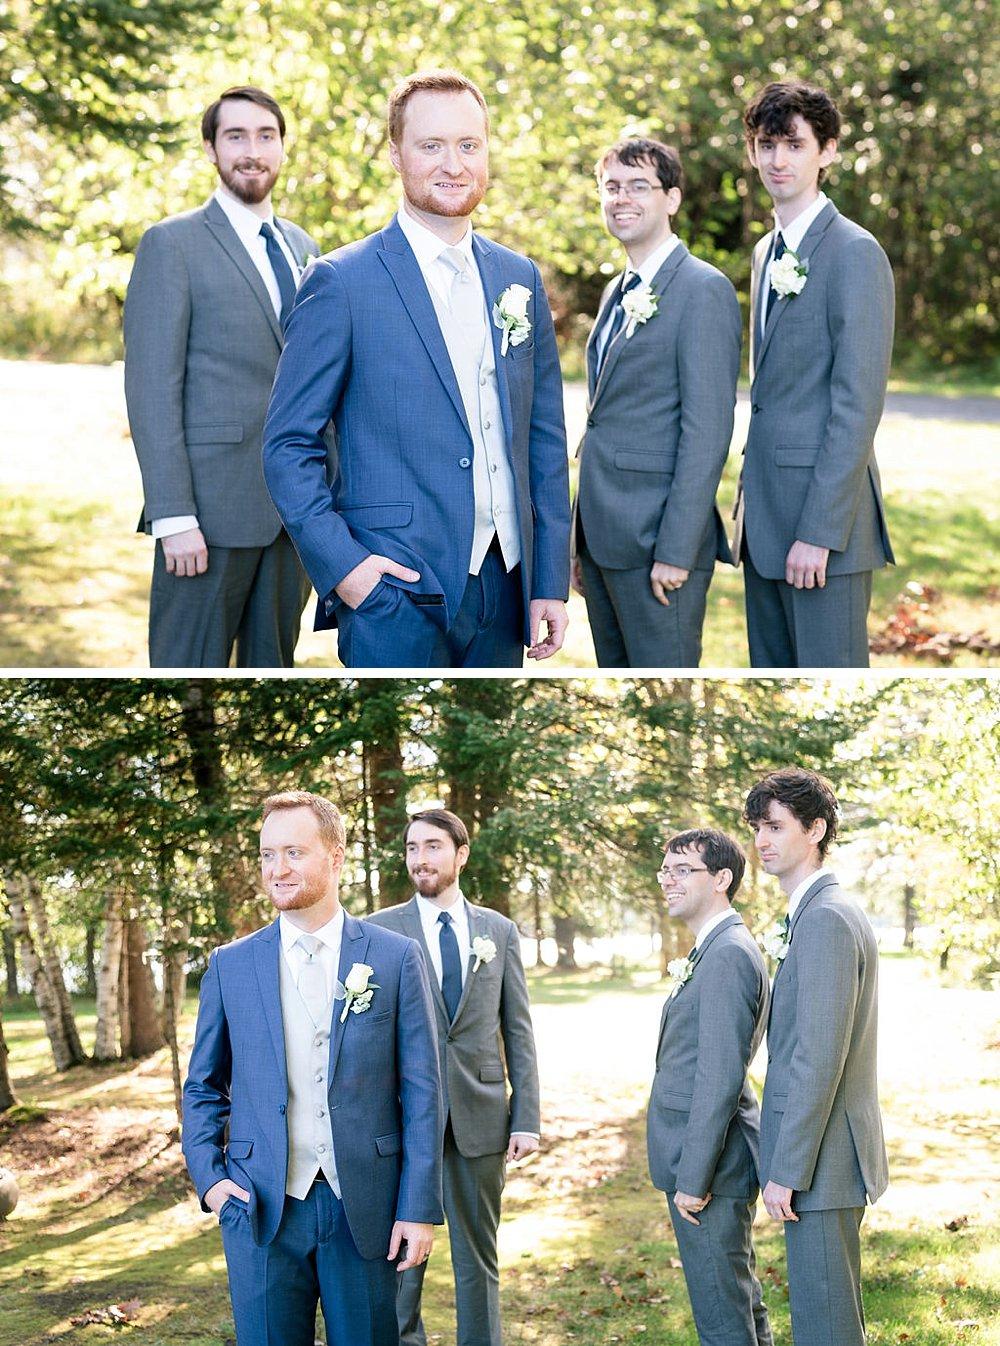 Eagle_River_WI_Fall_wedding_0034.jpg